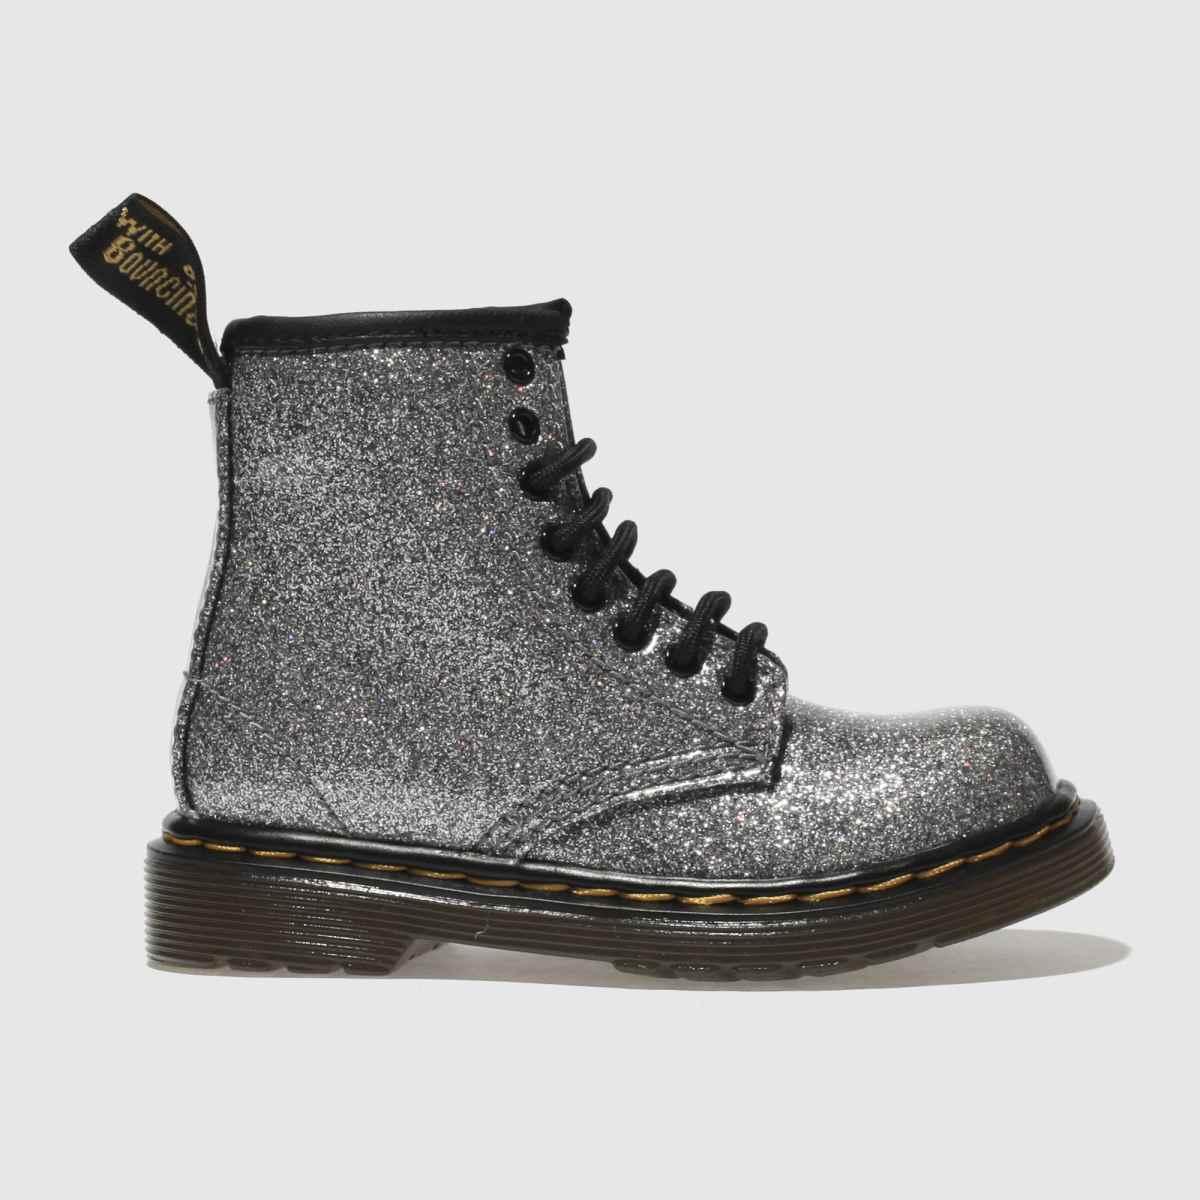 Dr Martens Silver 1460 Glitter Girls Toddler Boots